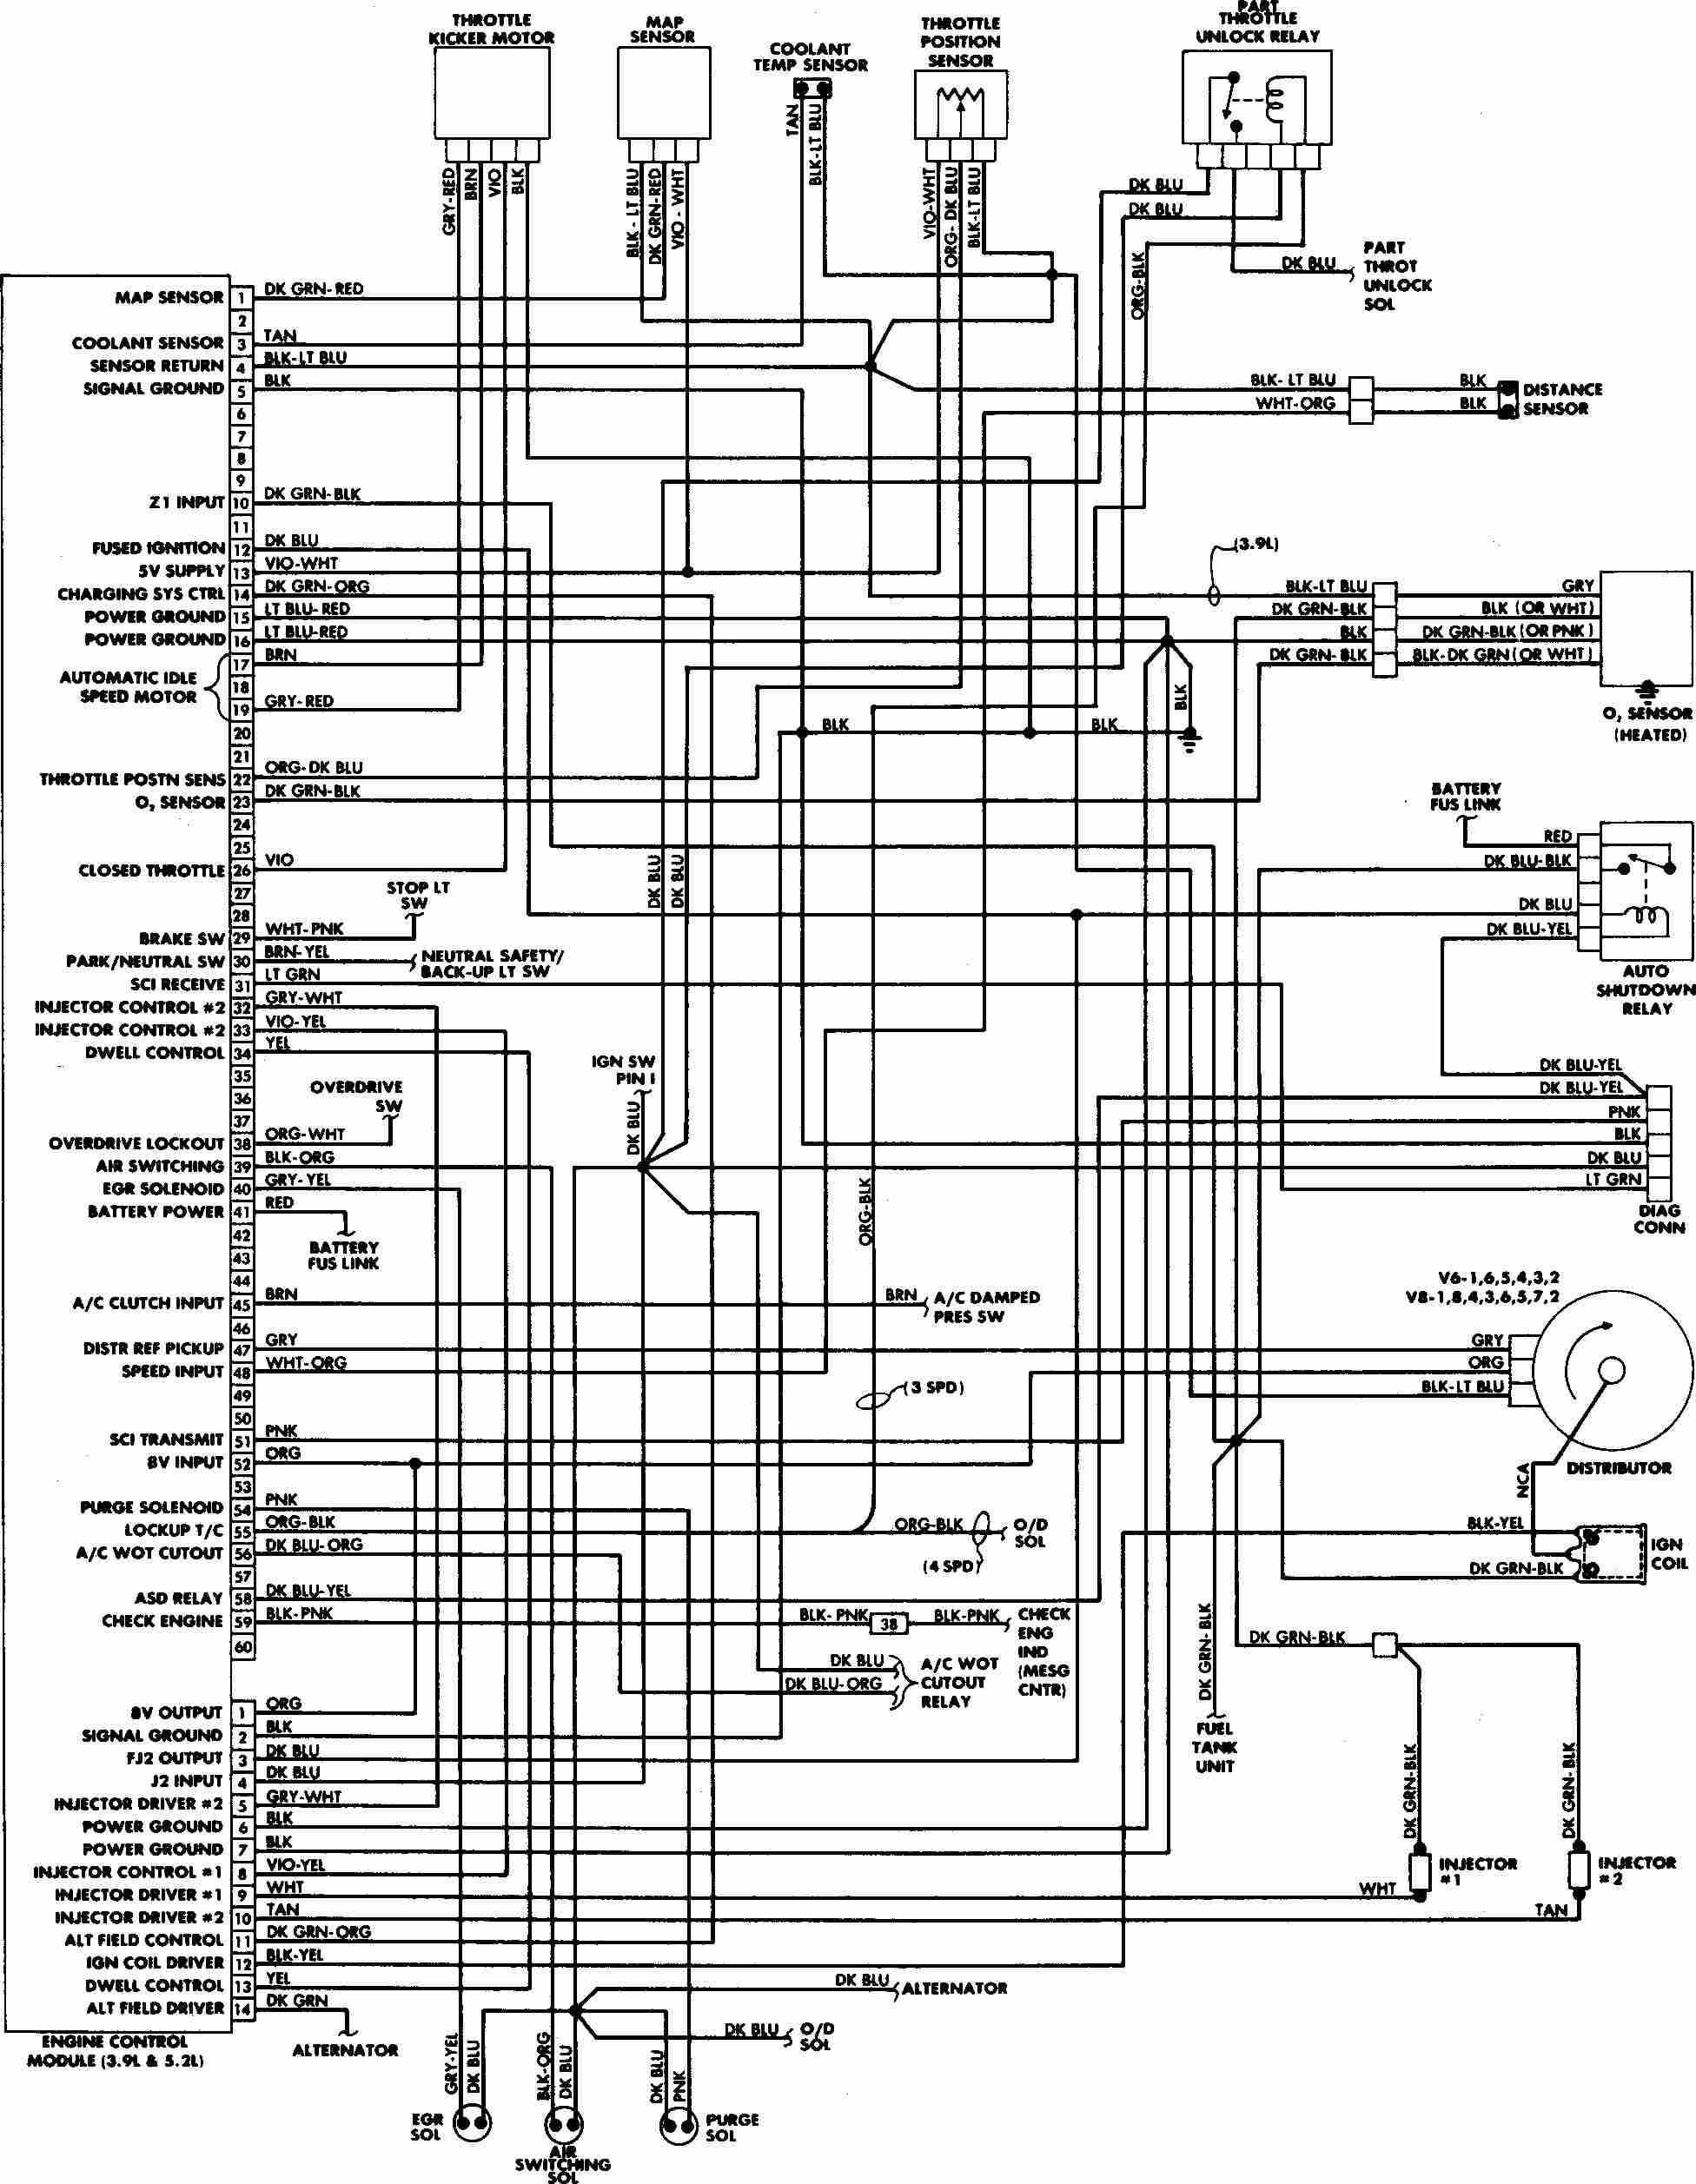 DH_4476] 2006 Dodge Ram 1500 Wiring Diagram Wiring DiagramPonge Benkeme Mohammedshrine Librar Wiring 101